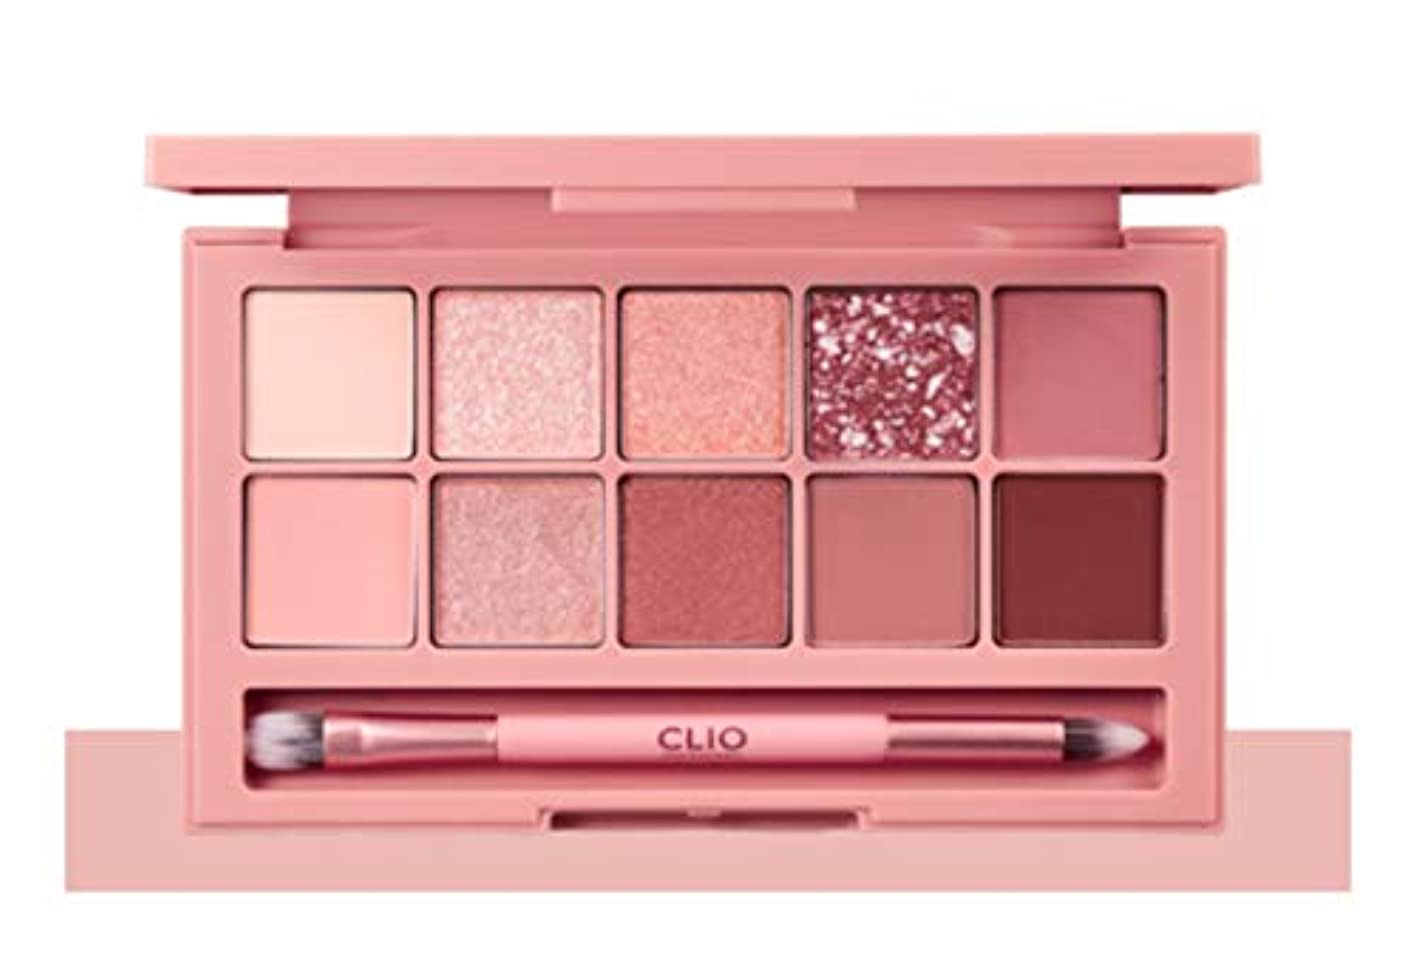 薄めるタイムリーな絶対にCLIO Pro Eye Palette Simply Pink(simple&classic)告発色、高密着、告知の中独歩的な高クオリティアイシャドウパレット10color(並行輸入品)